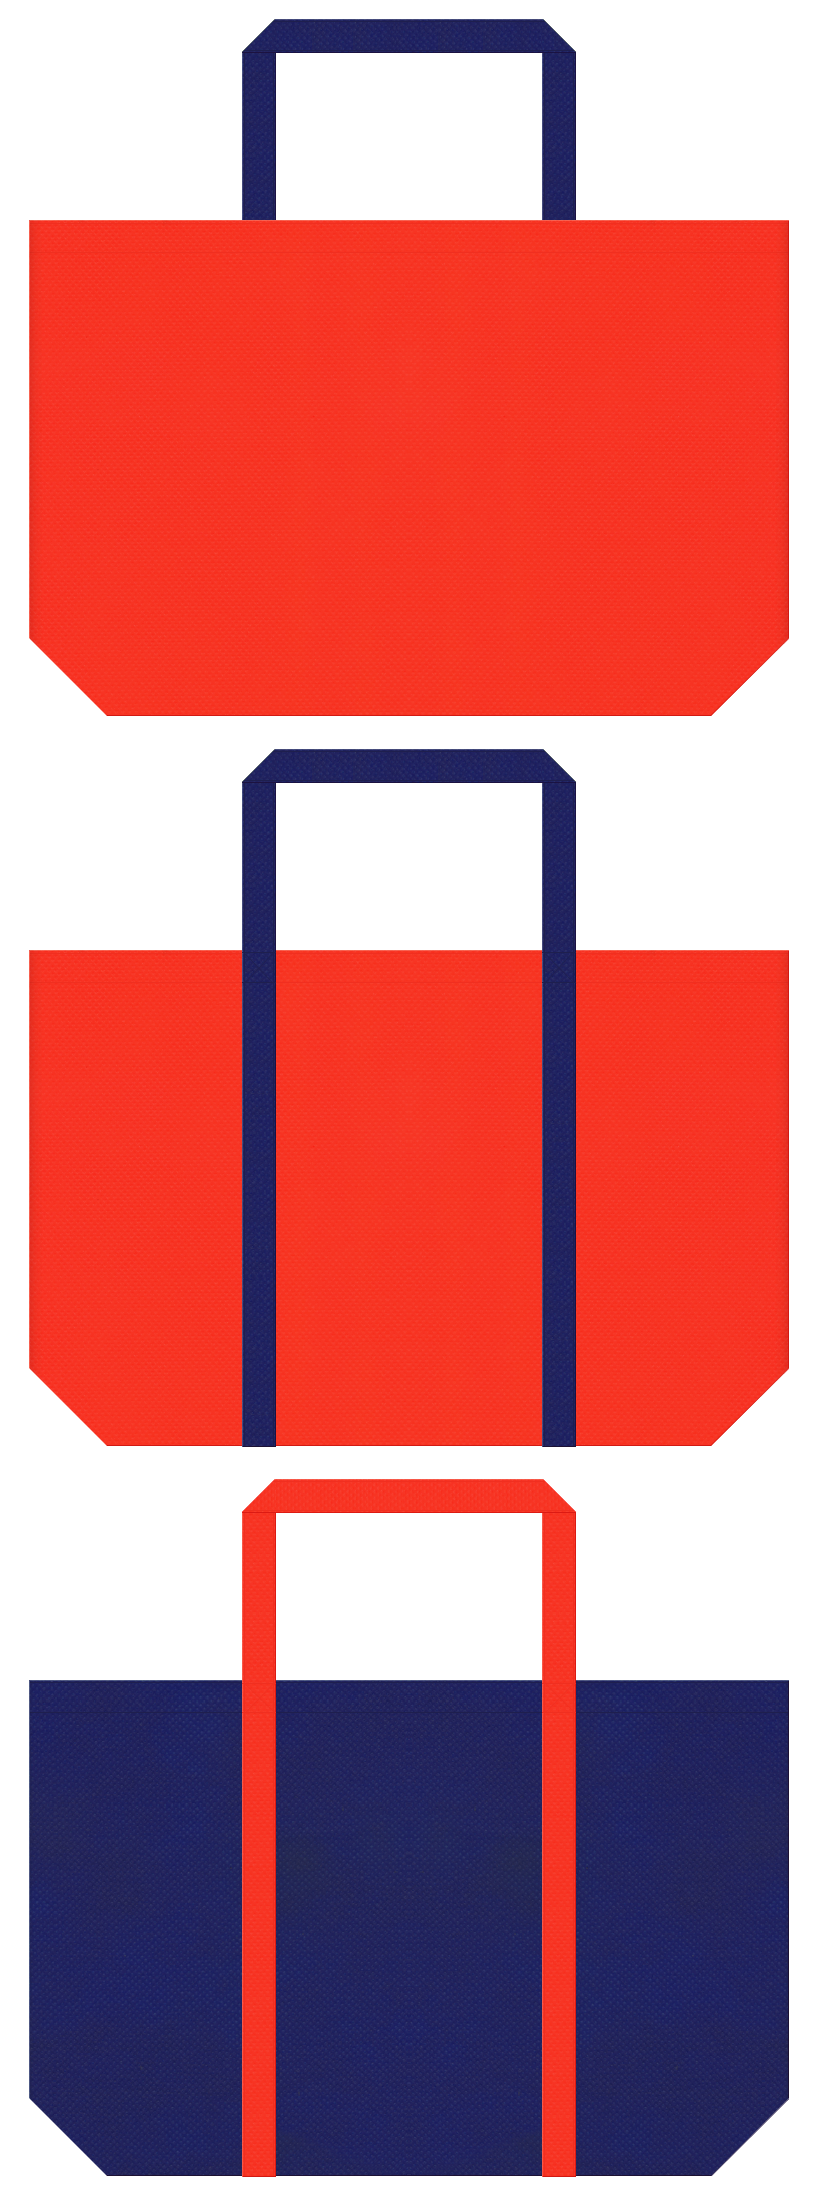 アリーナ・ユニフォーム・スポーツイベント・スポーティーファッション・スポーツバッグにお奨めの不織布バッグデザイン:オレンジ色と明るい紺色のコーデ